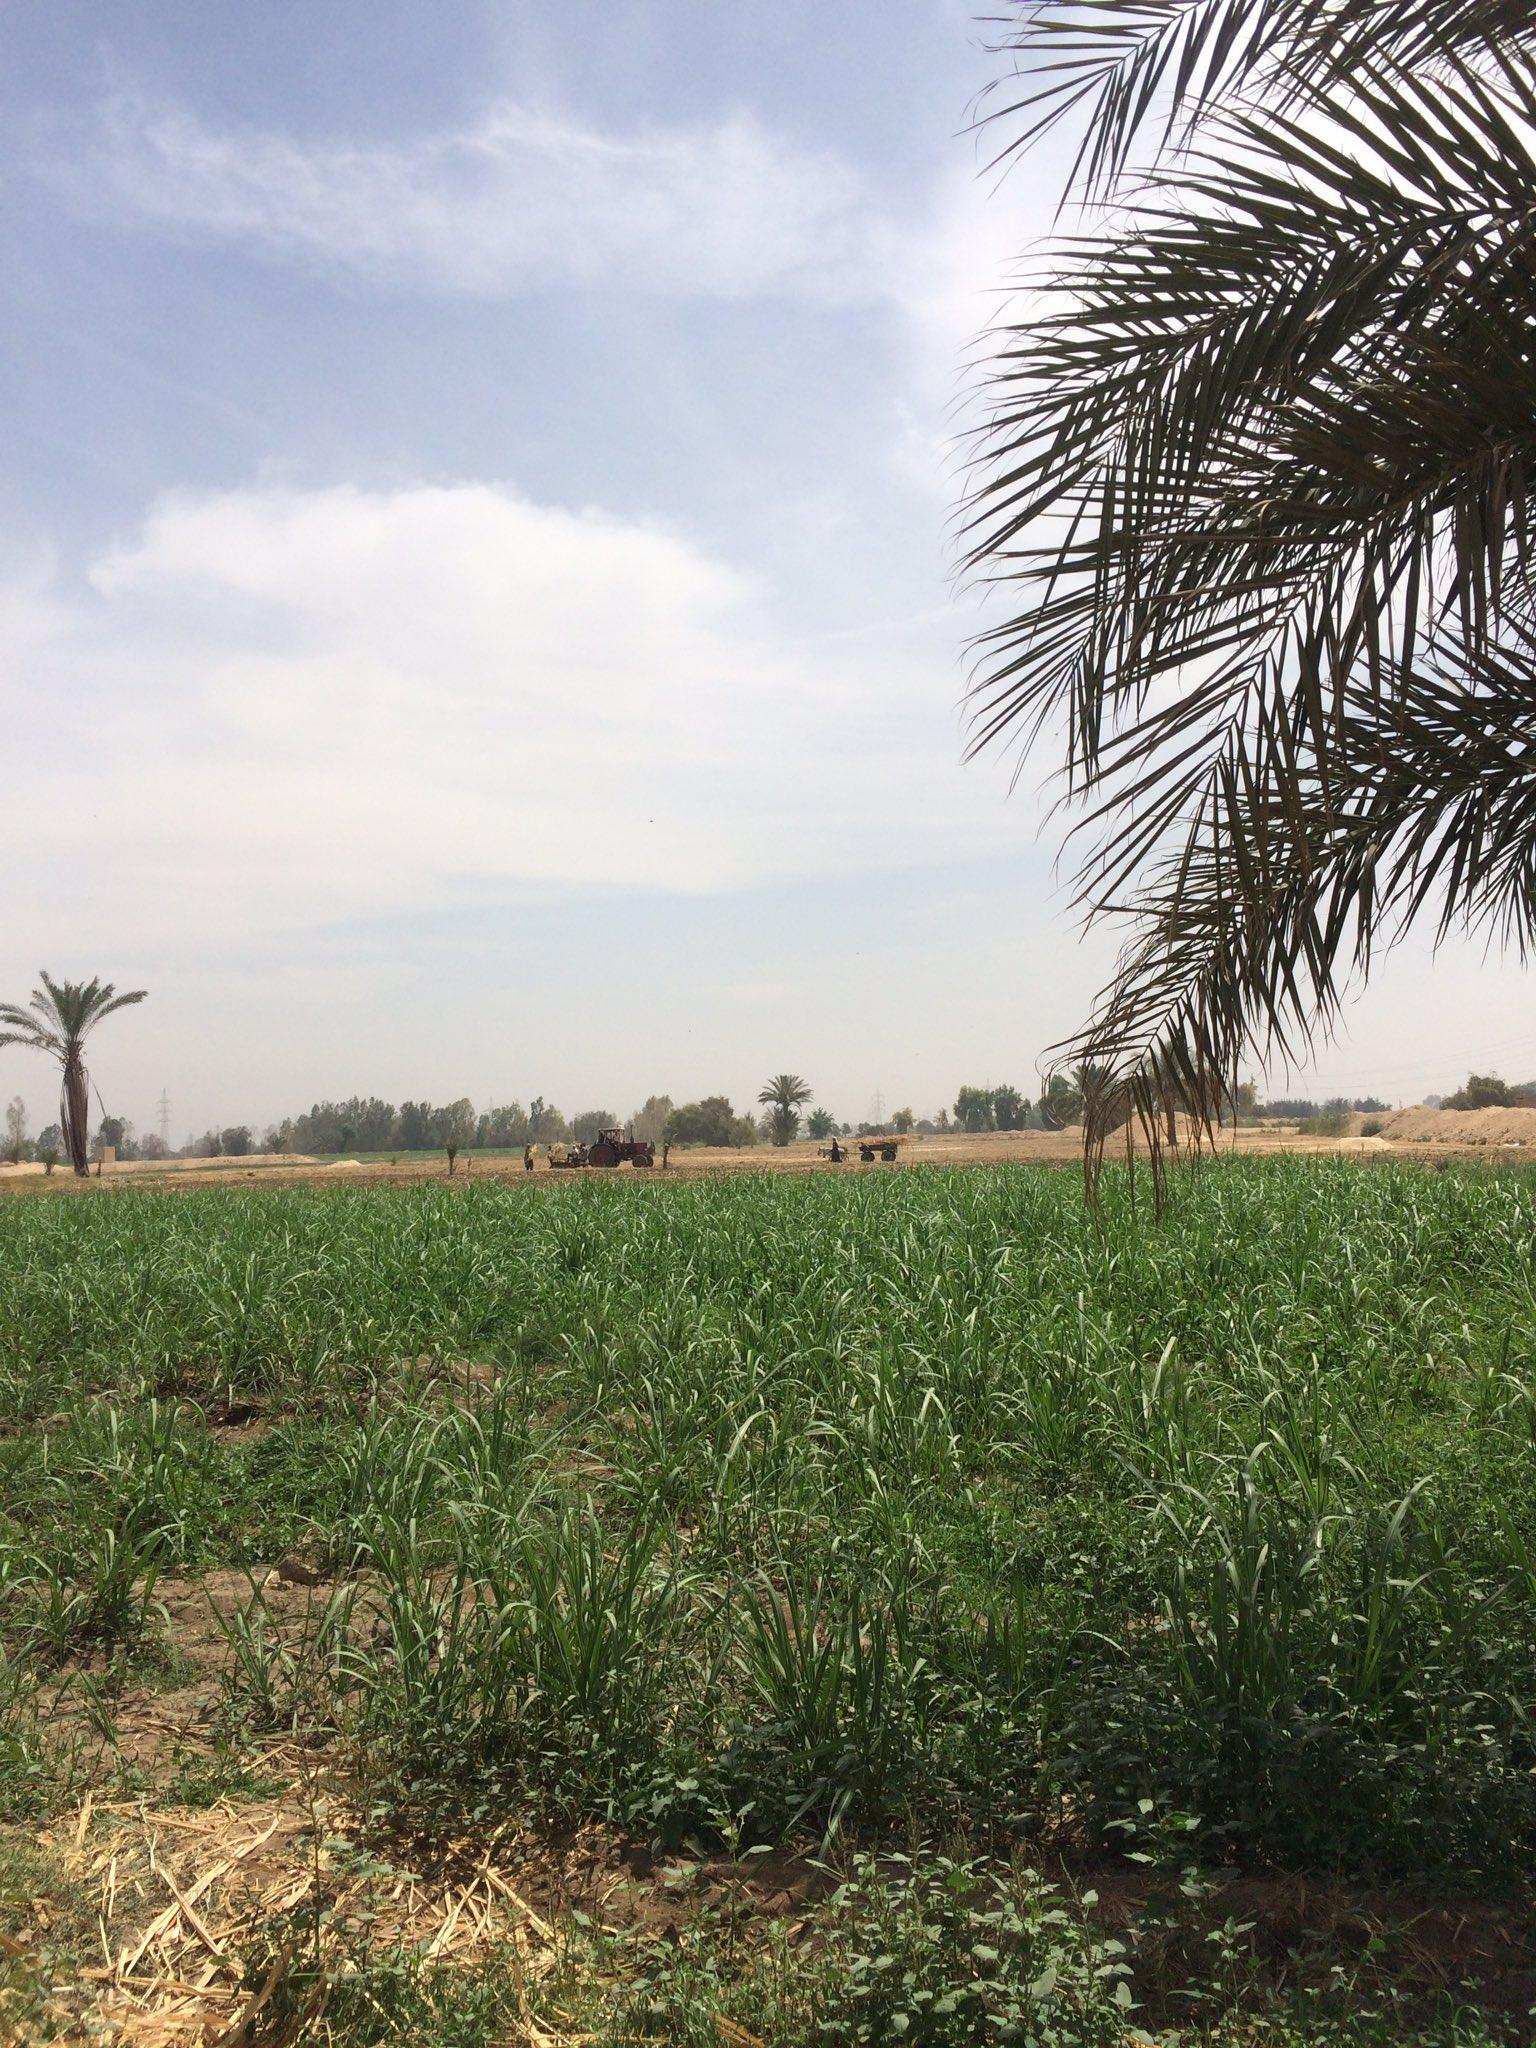 موسم زراعة قصب السكر بعد حصاد القمح